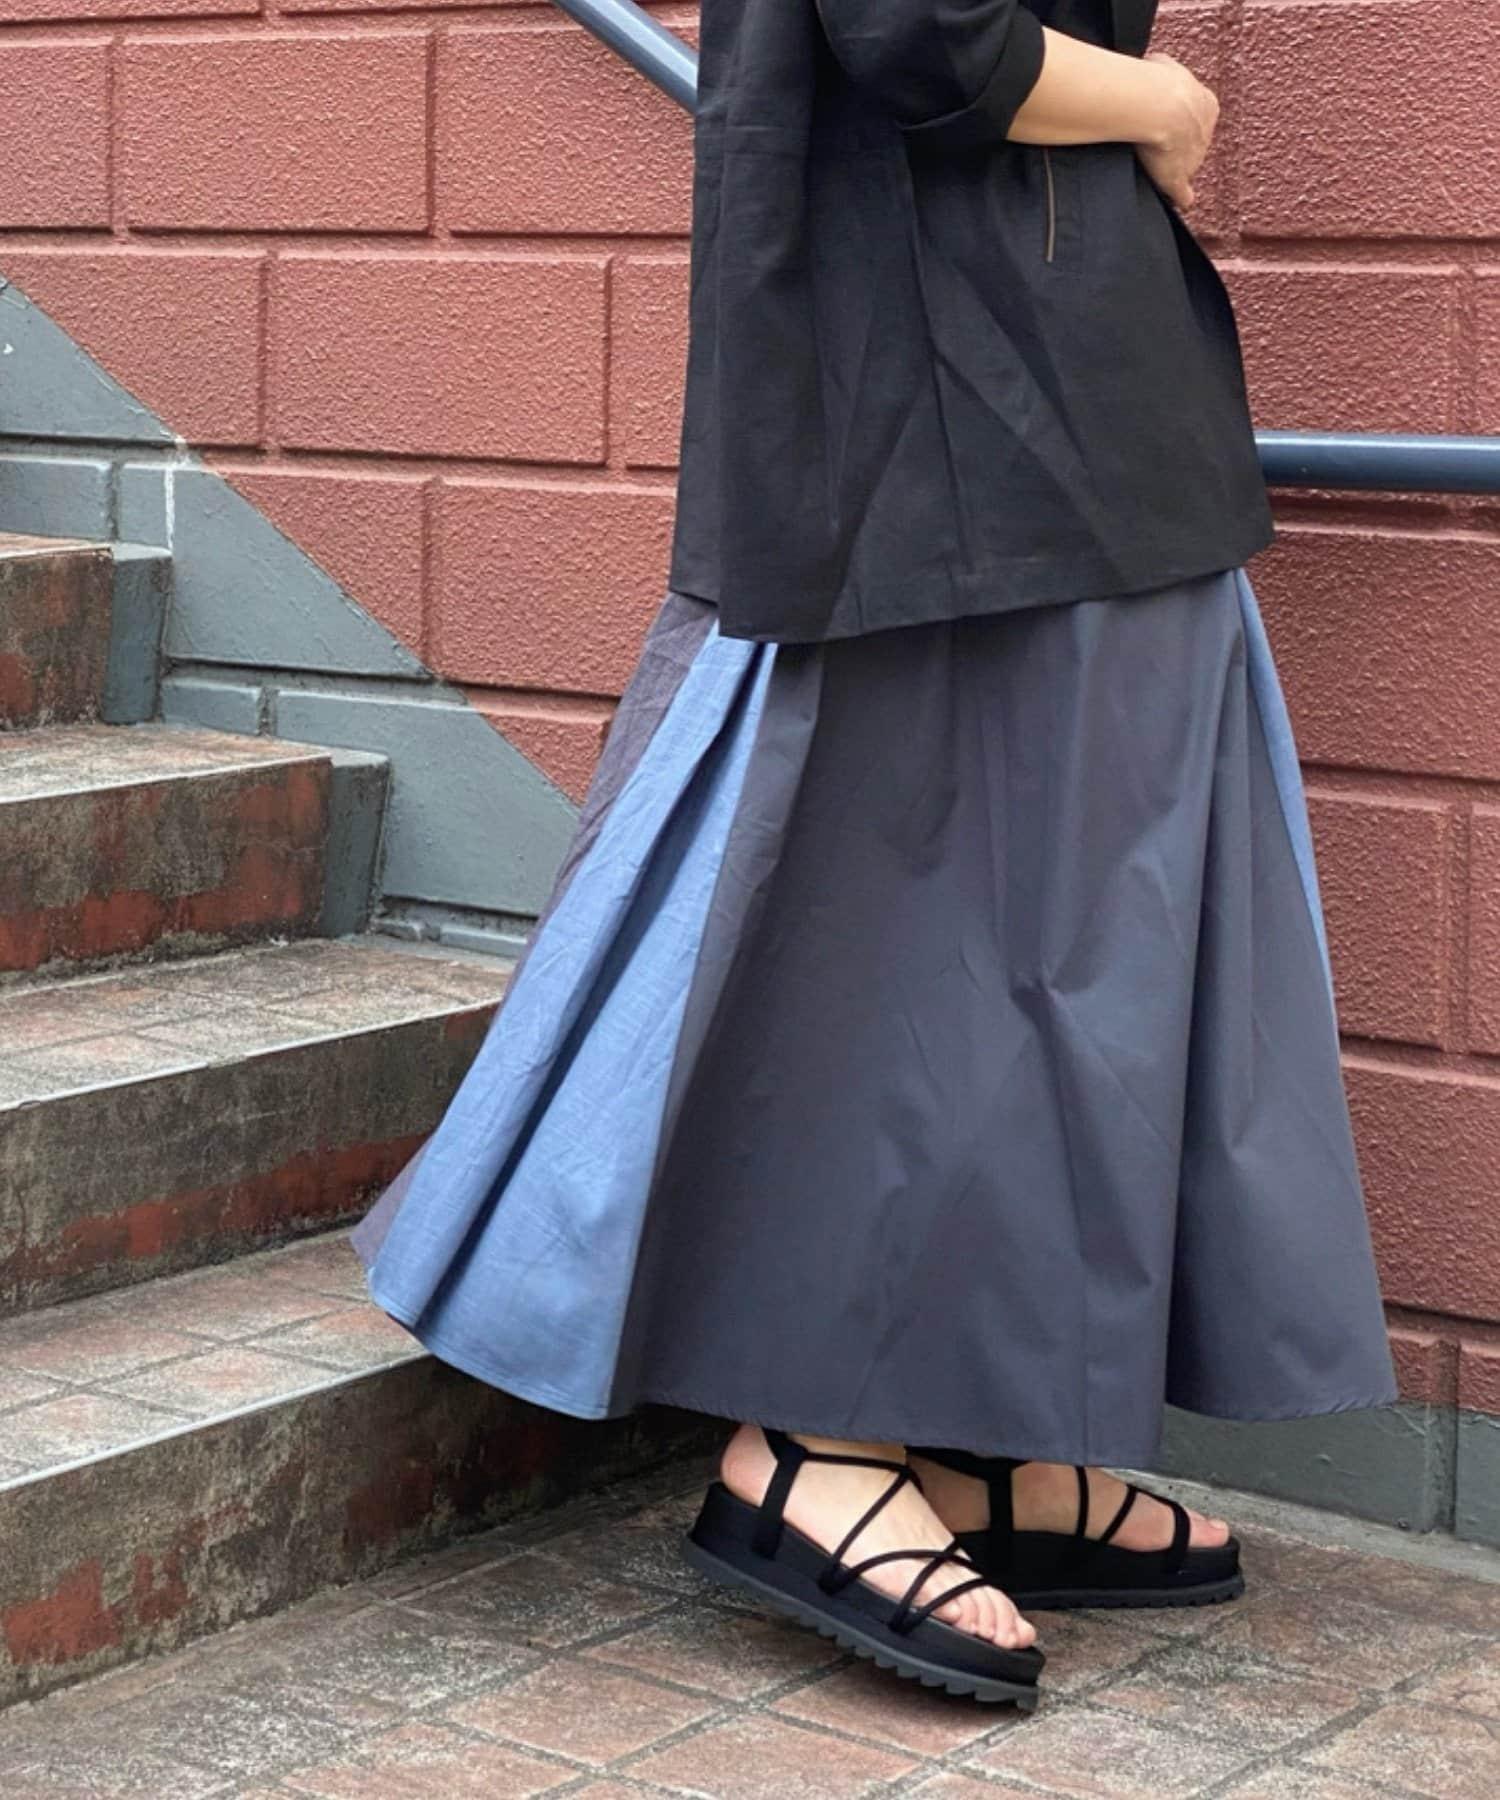 Pal collection(パルコレクション) 《全方位可愛い》麻混パッチワーク切替スカート